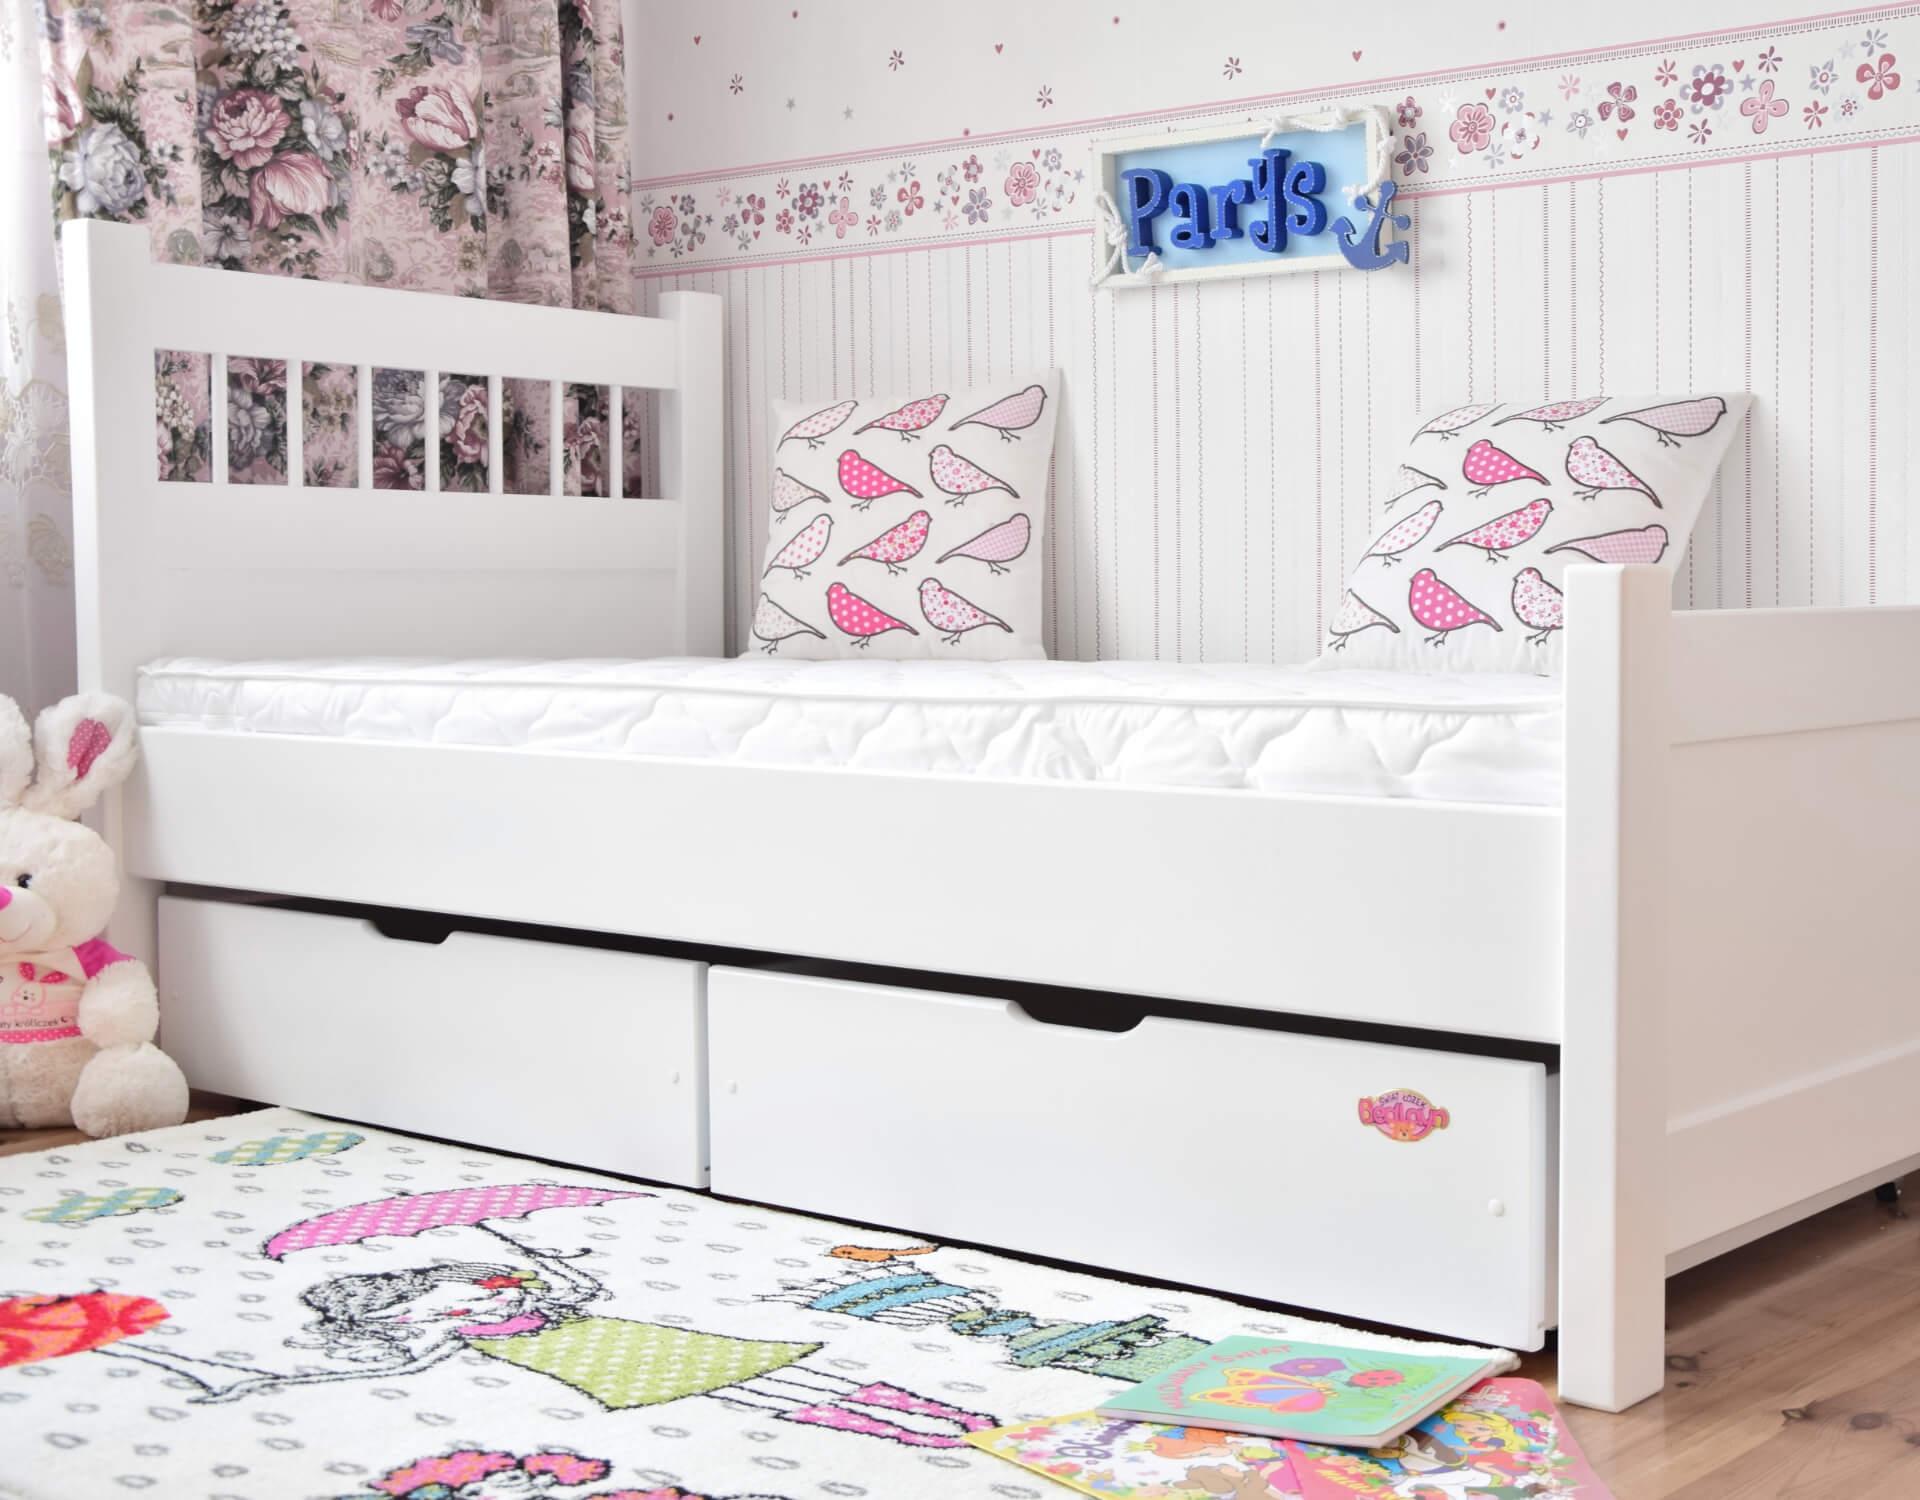 łóżko Młodzieżowe Parys 180x80 Barierka I Szuflady